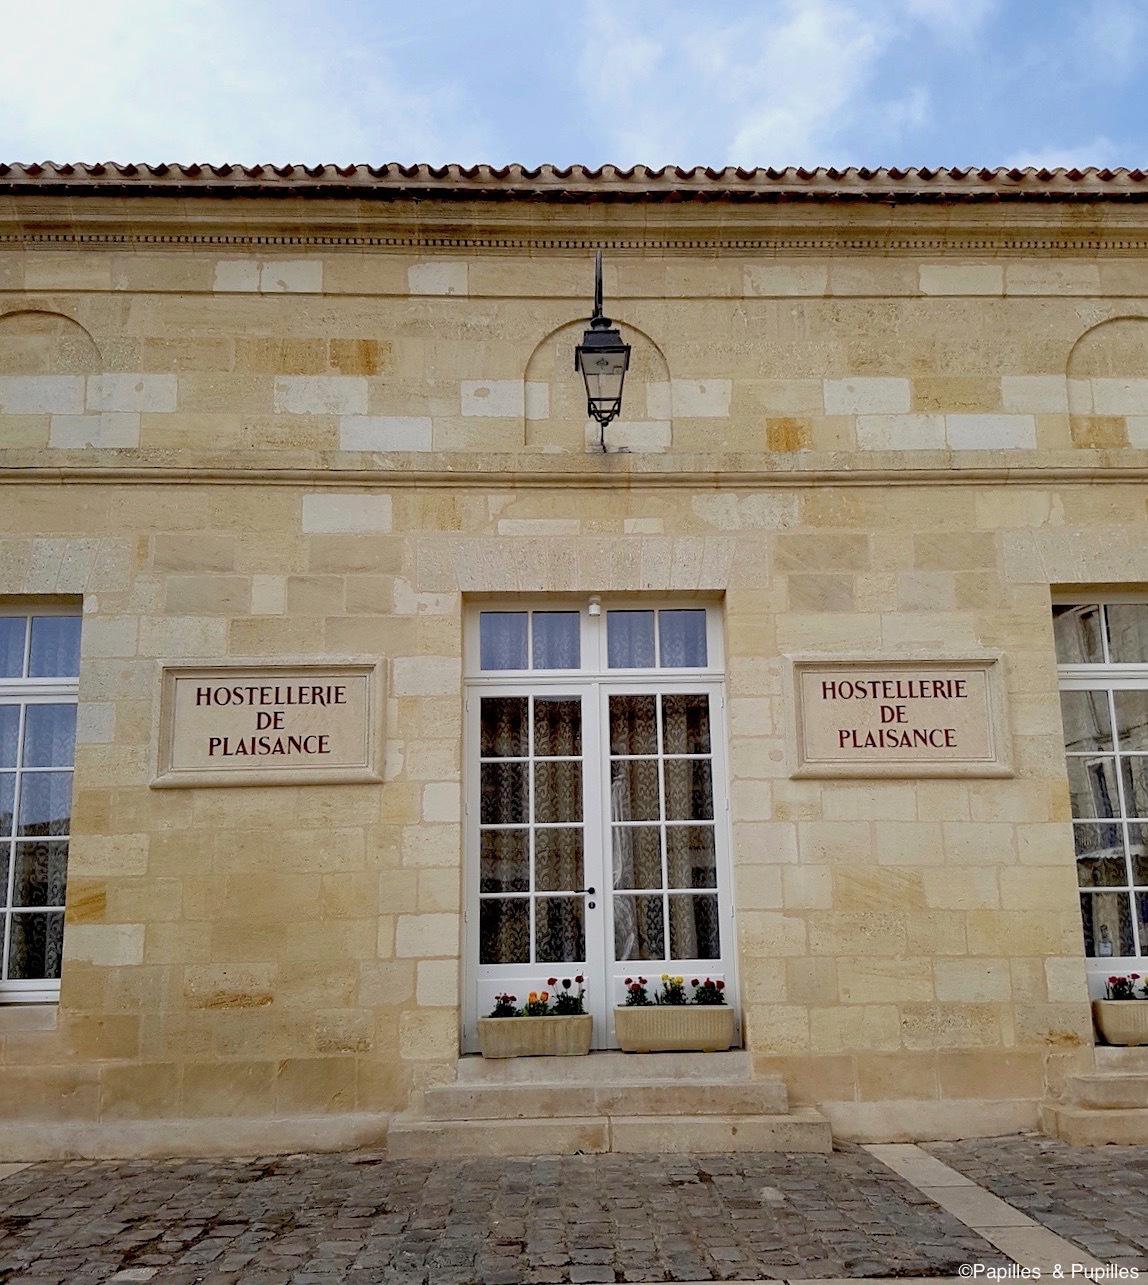 Hostellerie de Plaisance - Saint Emilion